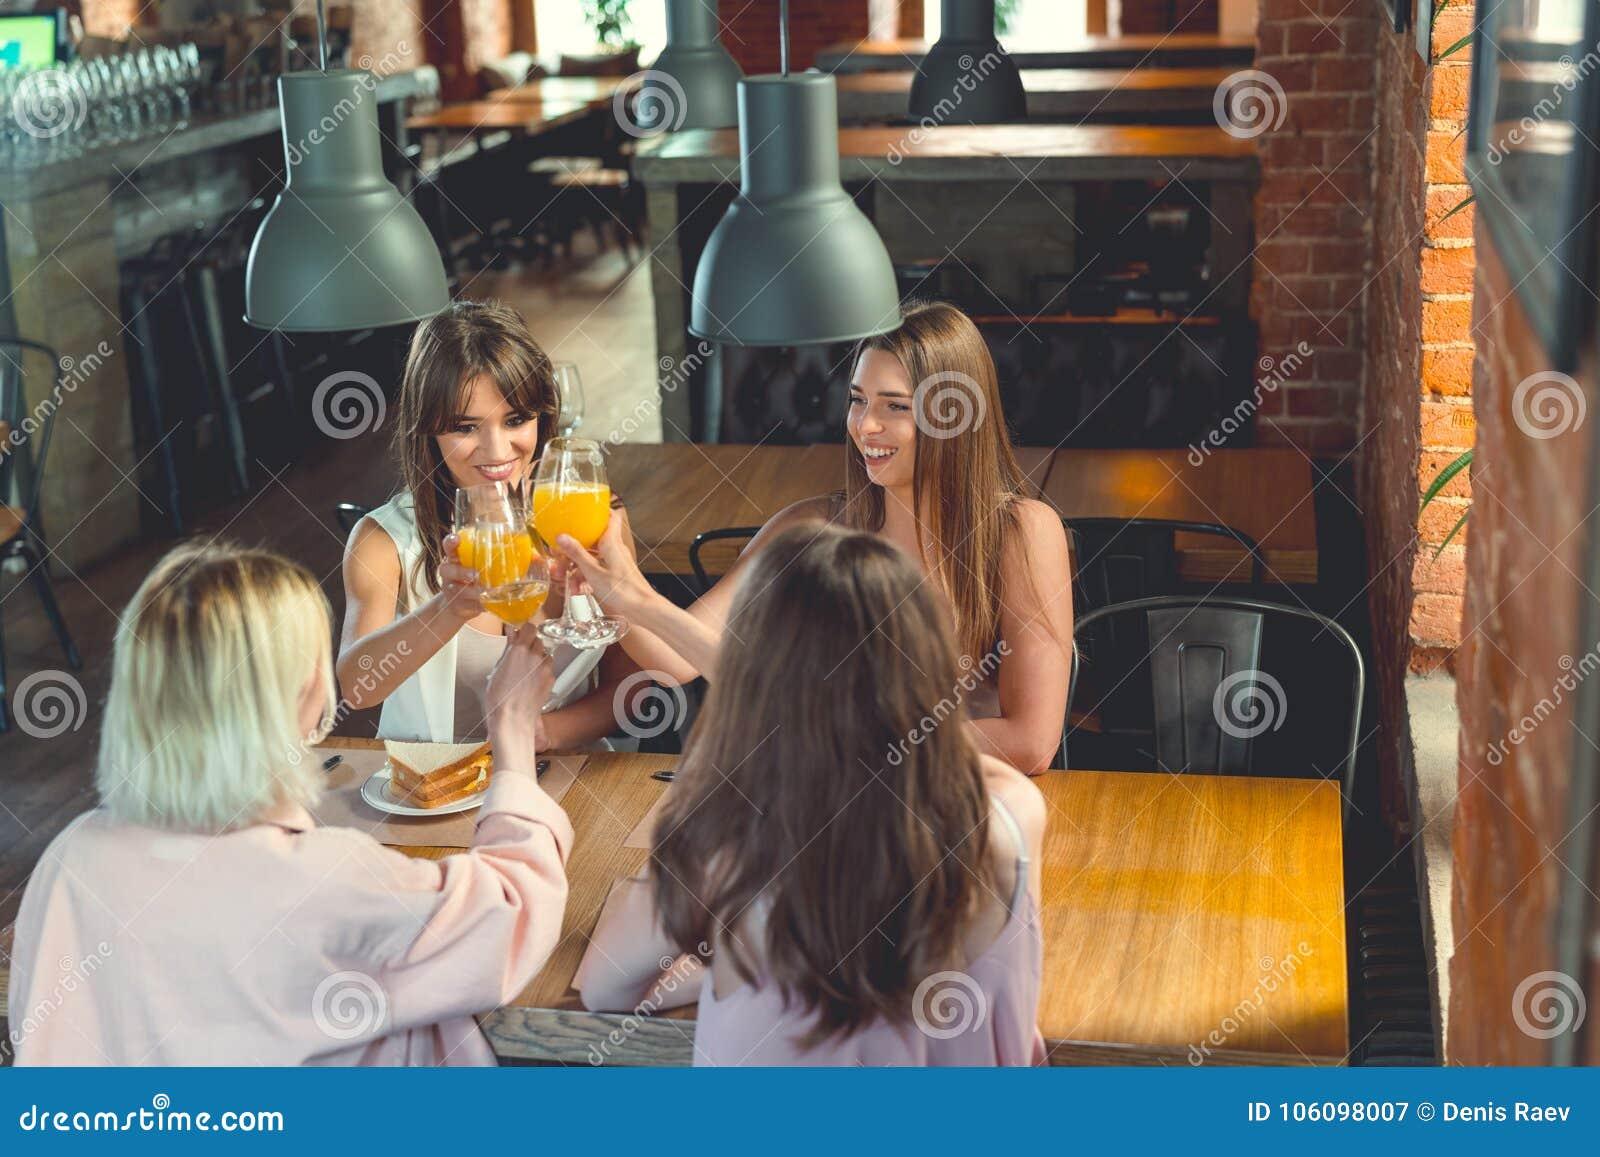 consider, that you Frauen treffen in münster think, that